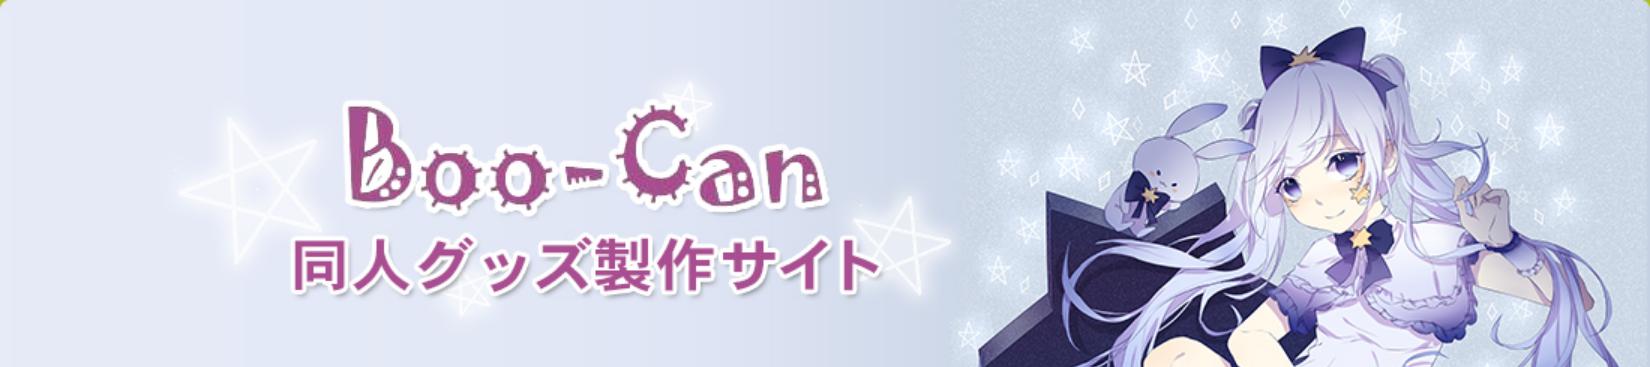 Boocan同人グッズ制作サイト